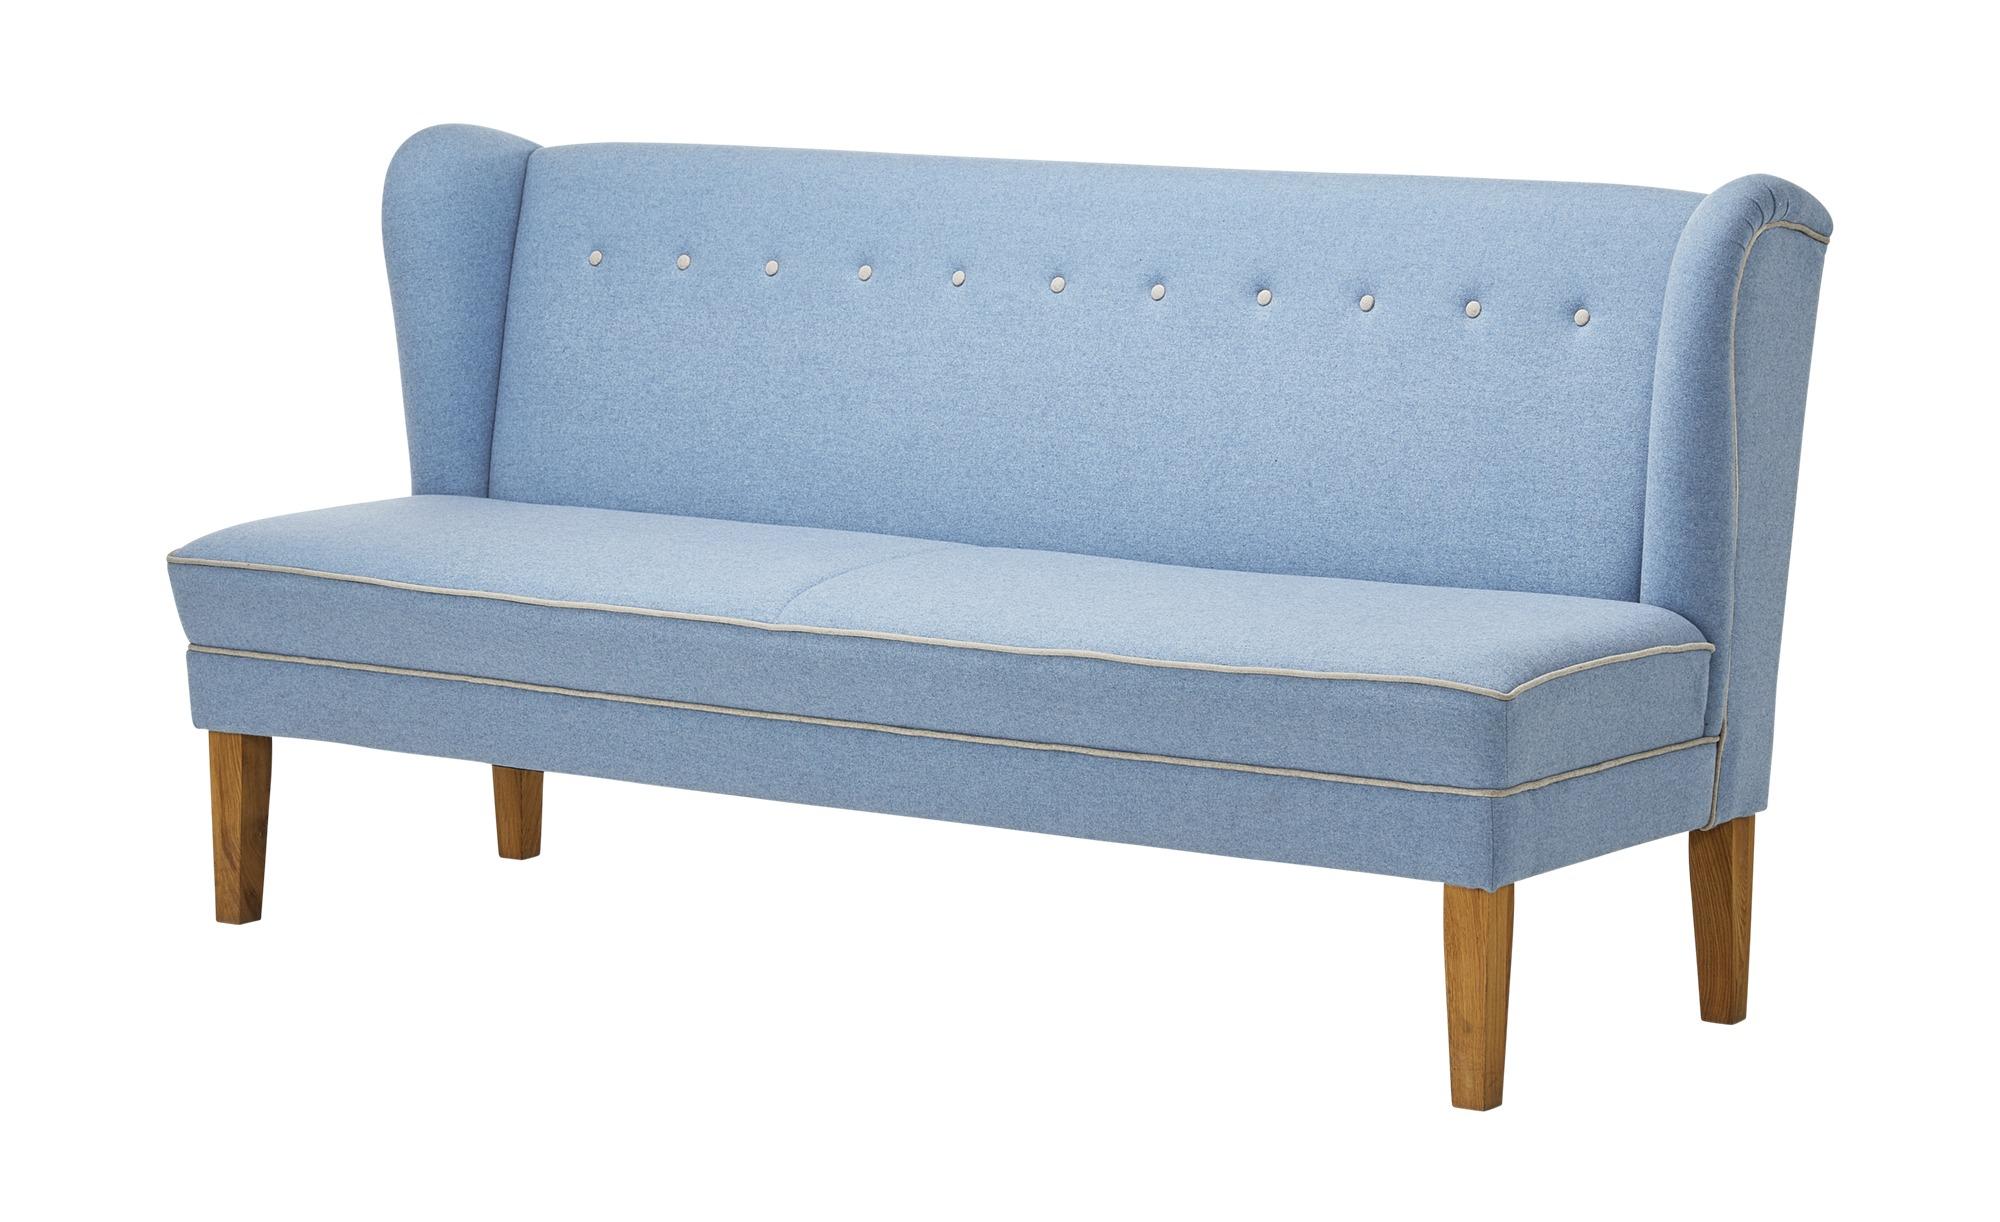 Küchensofa   Riva ¦ blau ¦ Maße (cm): B: 179 H: 100 T: 75 Polstermöbel > Sofas > Einzelsofas - Höffner